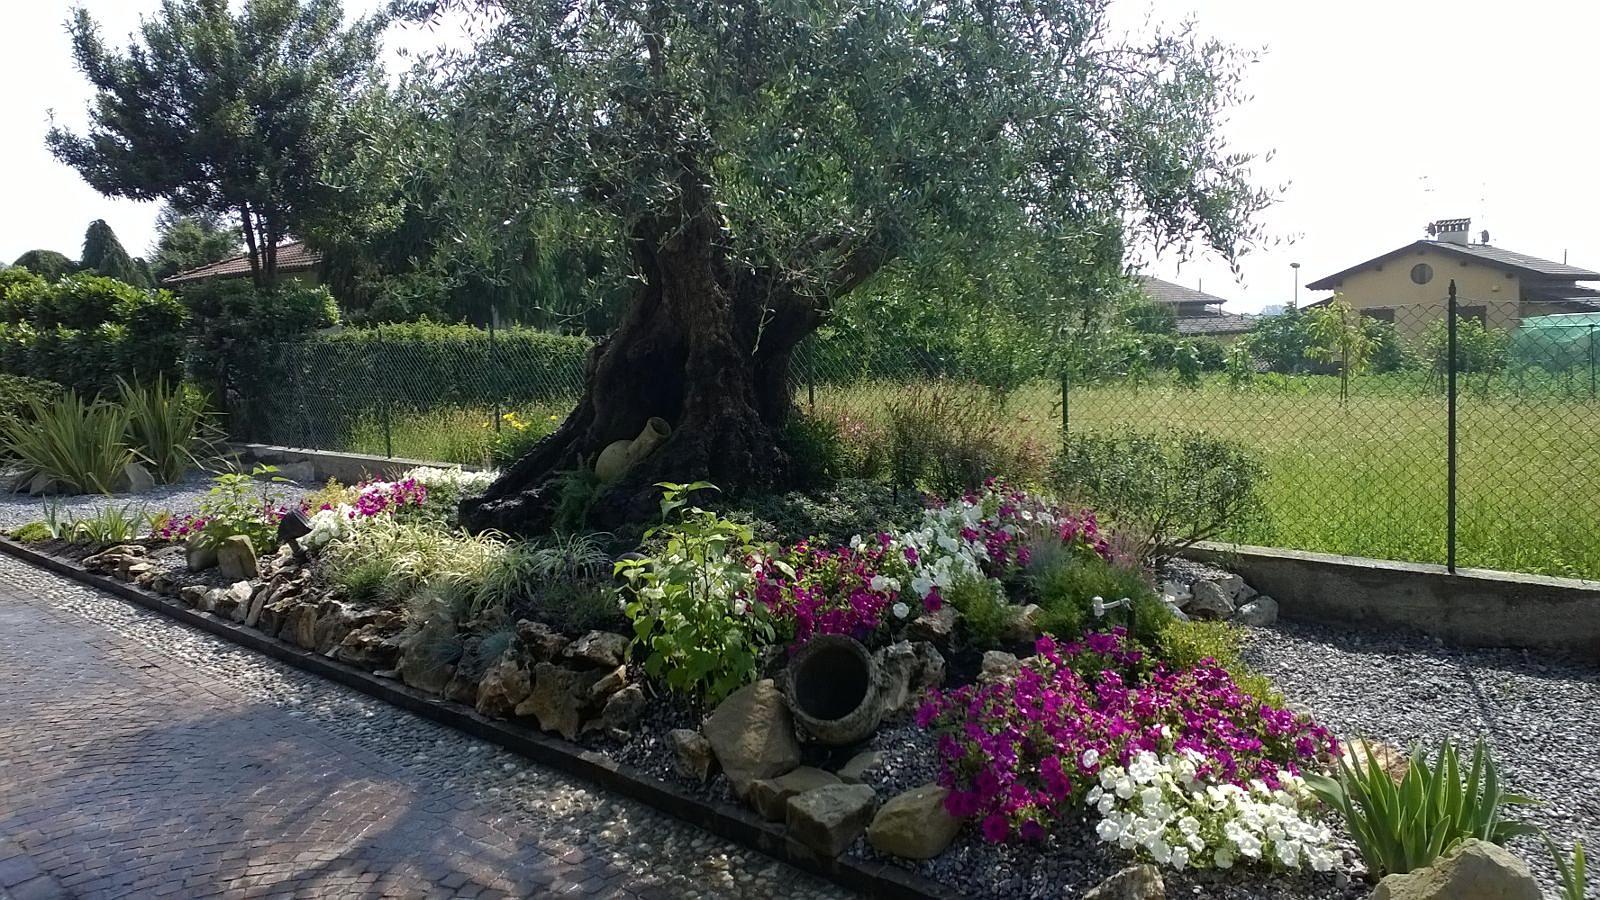 Oasi giardini giardiniere monza e brianza ulivo con for Aiuola con ulivo